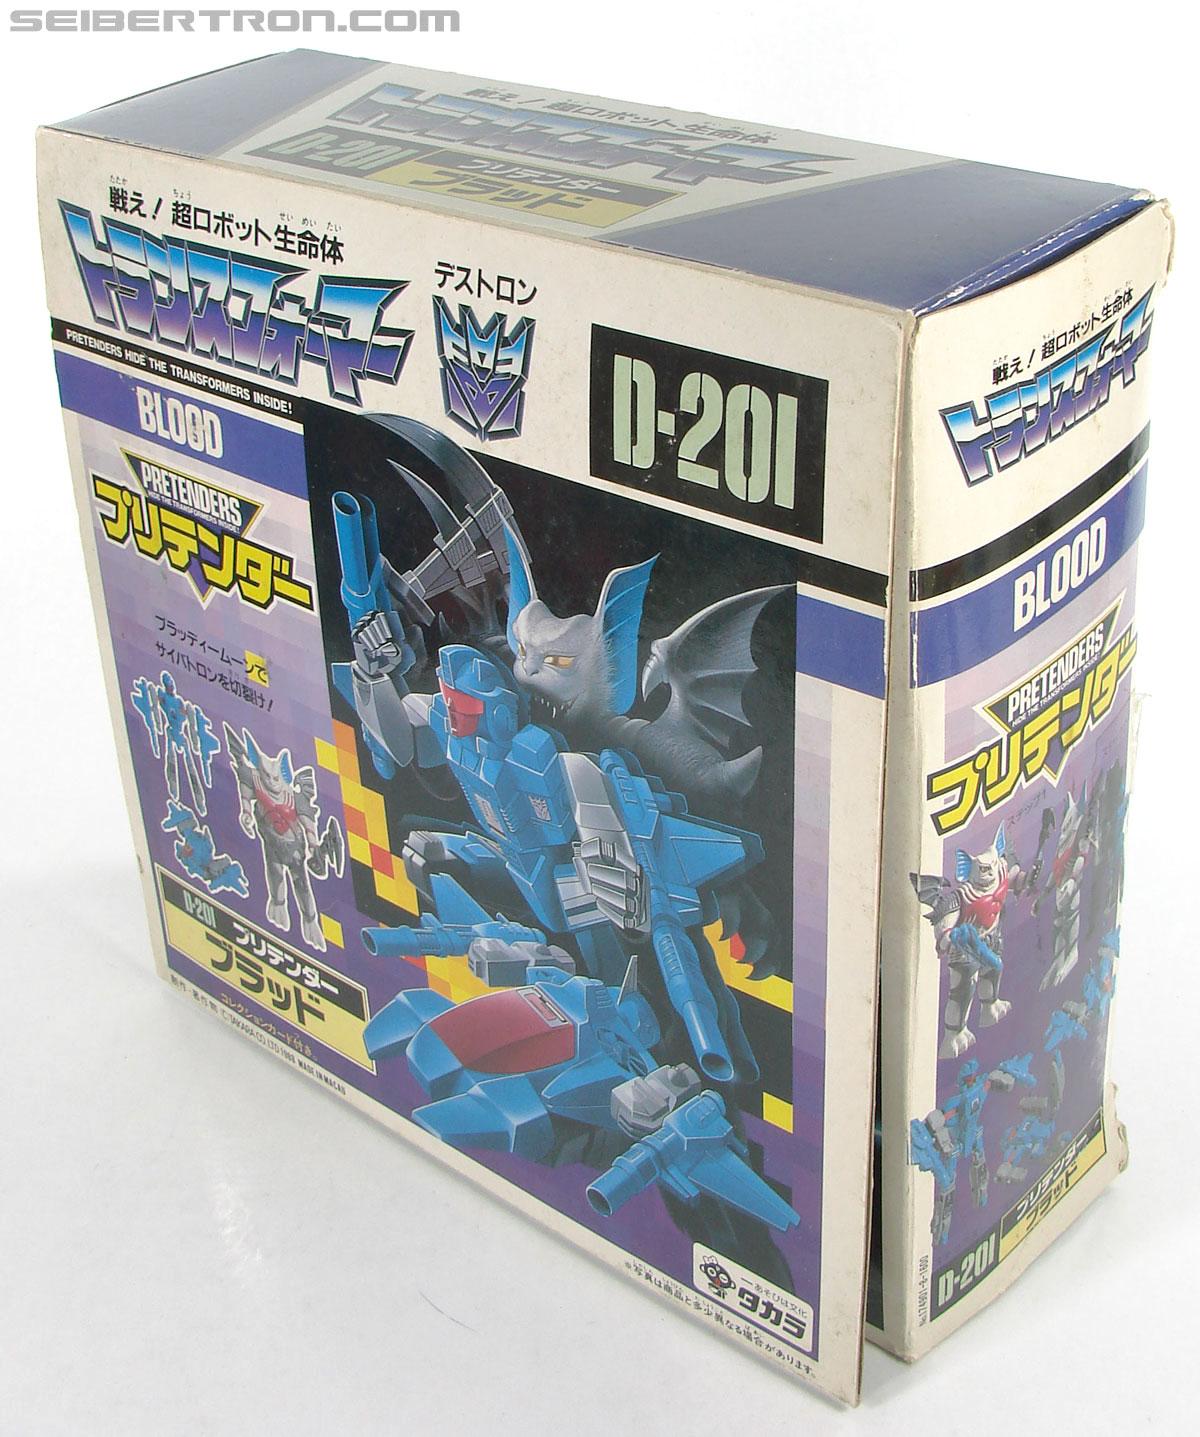 Transformers Super God Masterforce Bomb-Burst (Blood) (Image #17 of 169)